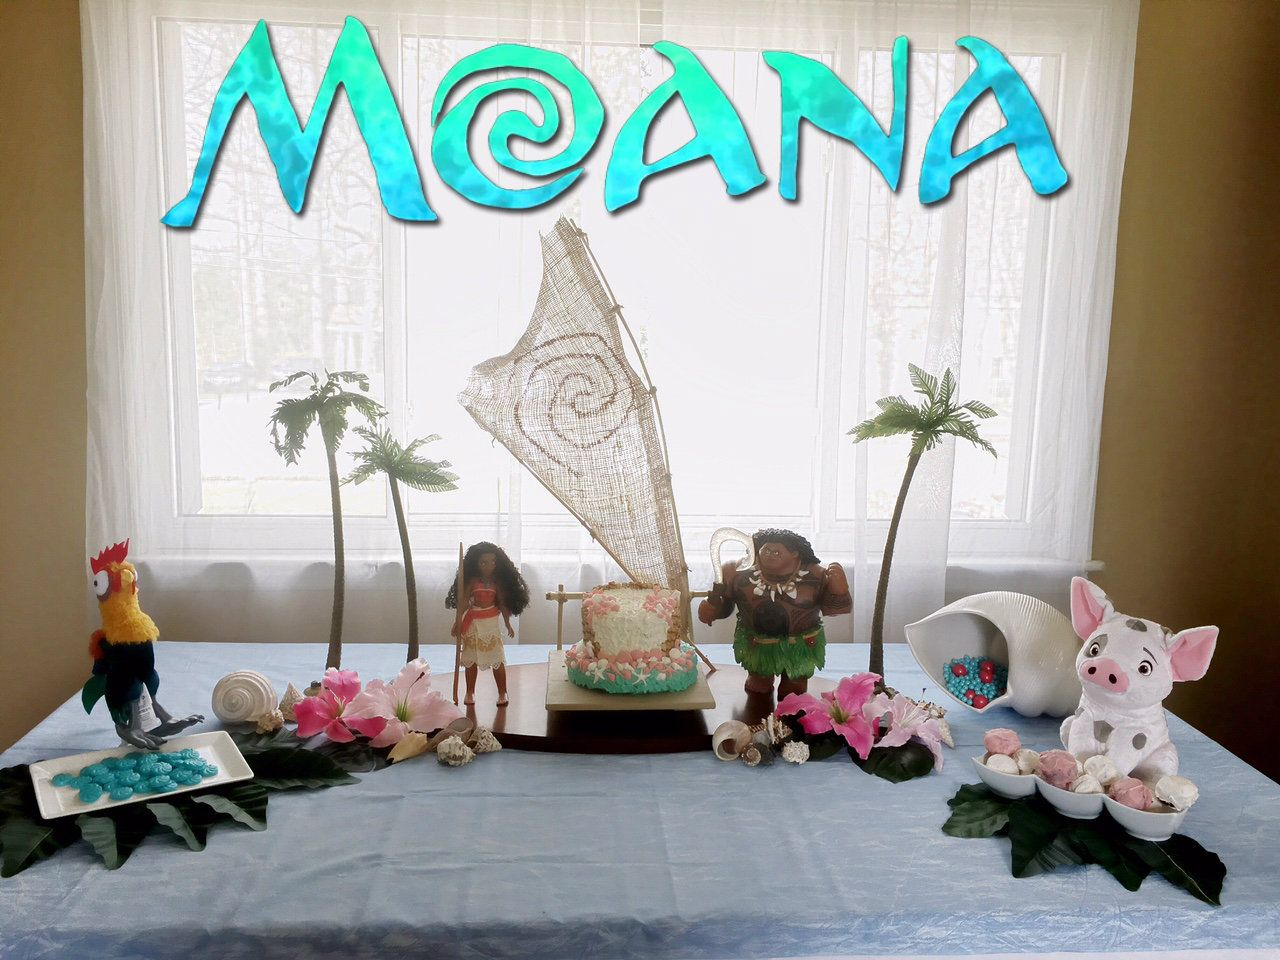 Moana birthday party ideas moana party decoration diy - Ideas diy decoracion ...